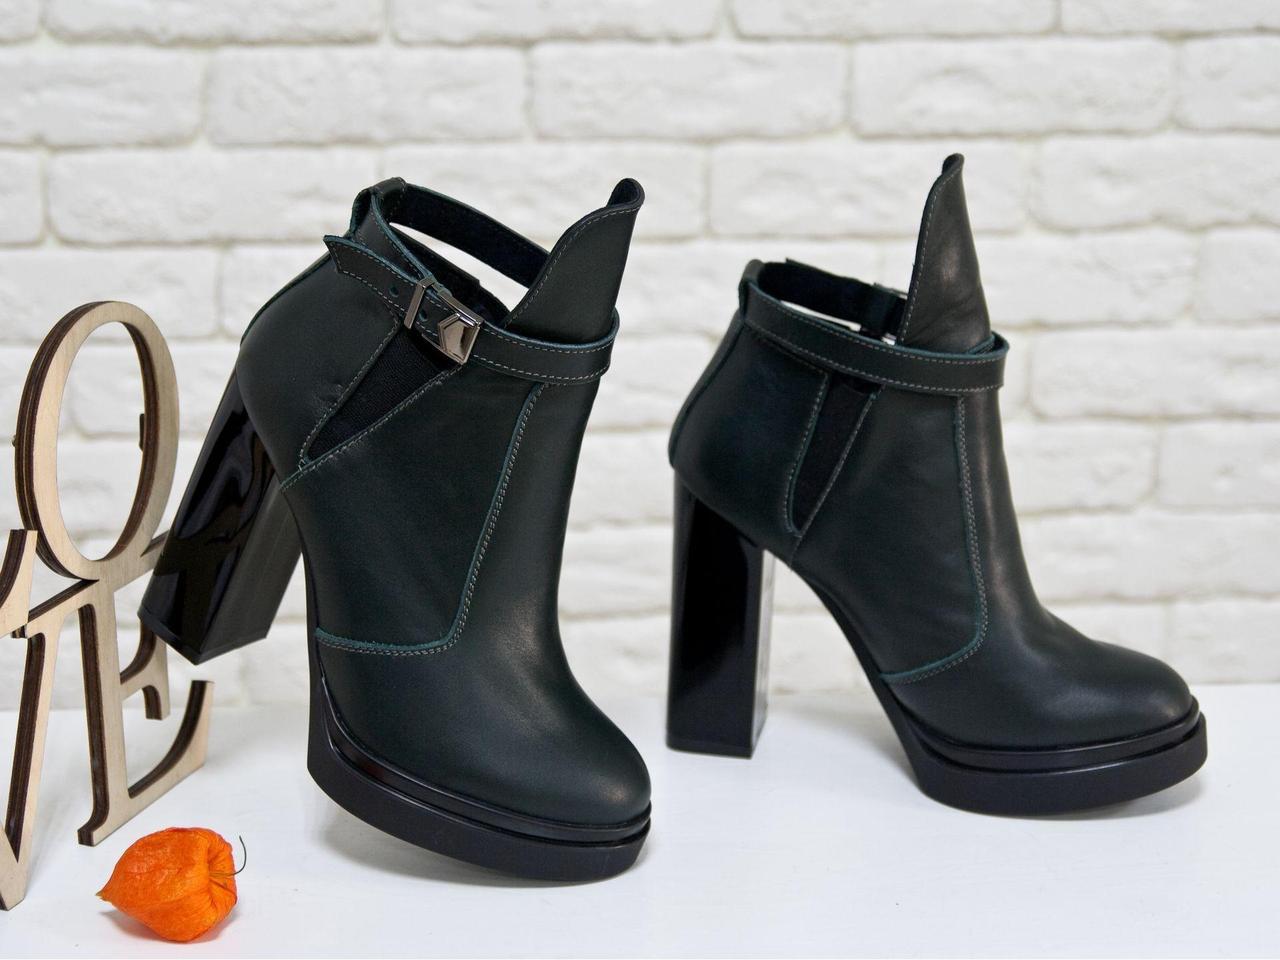 Ботинки из натуральной кожи зеленого цвета с резиновой вставкой сверху отделка в виде кожаного ремешка с застежкой, на высоком и устойчивом каблуке,